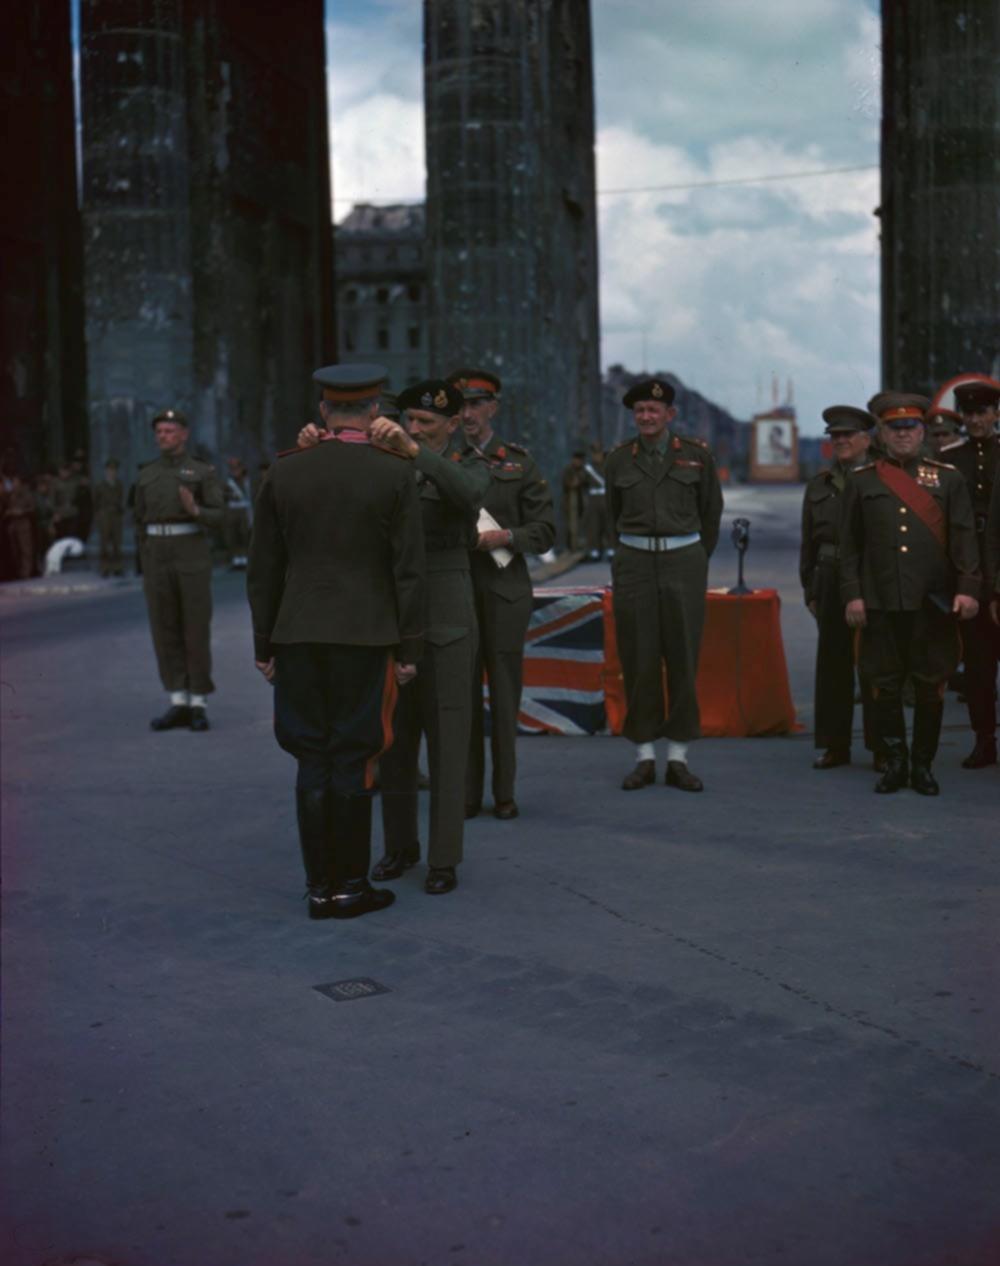 Британский фельдмаршал Монтгомери награждает генерал-полковника М.С. Малинина орденом Британской империи у Бранденбургских ворот Берлина.jpg